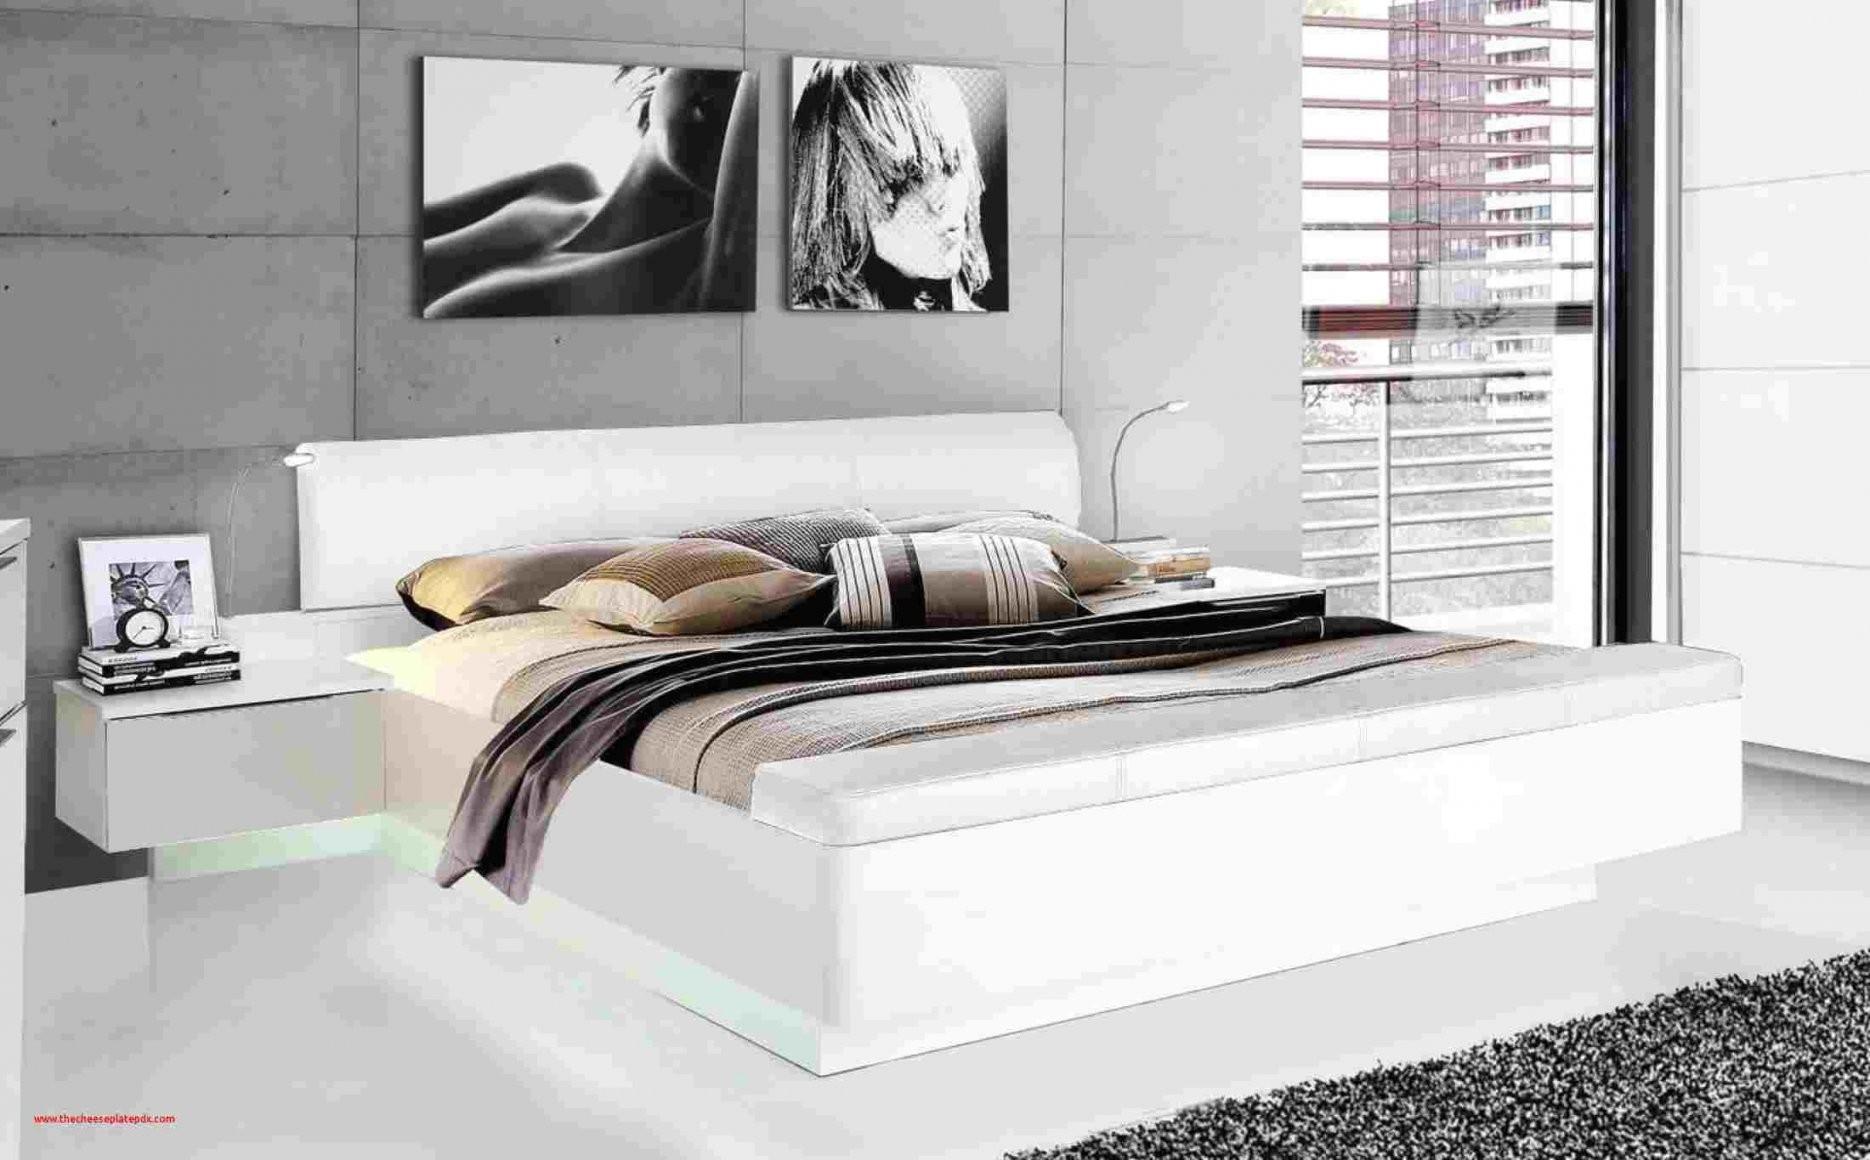 Sure Bett Mit Bettkasten 160X200 Certain von Günstige Betten 160X200 Bild